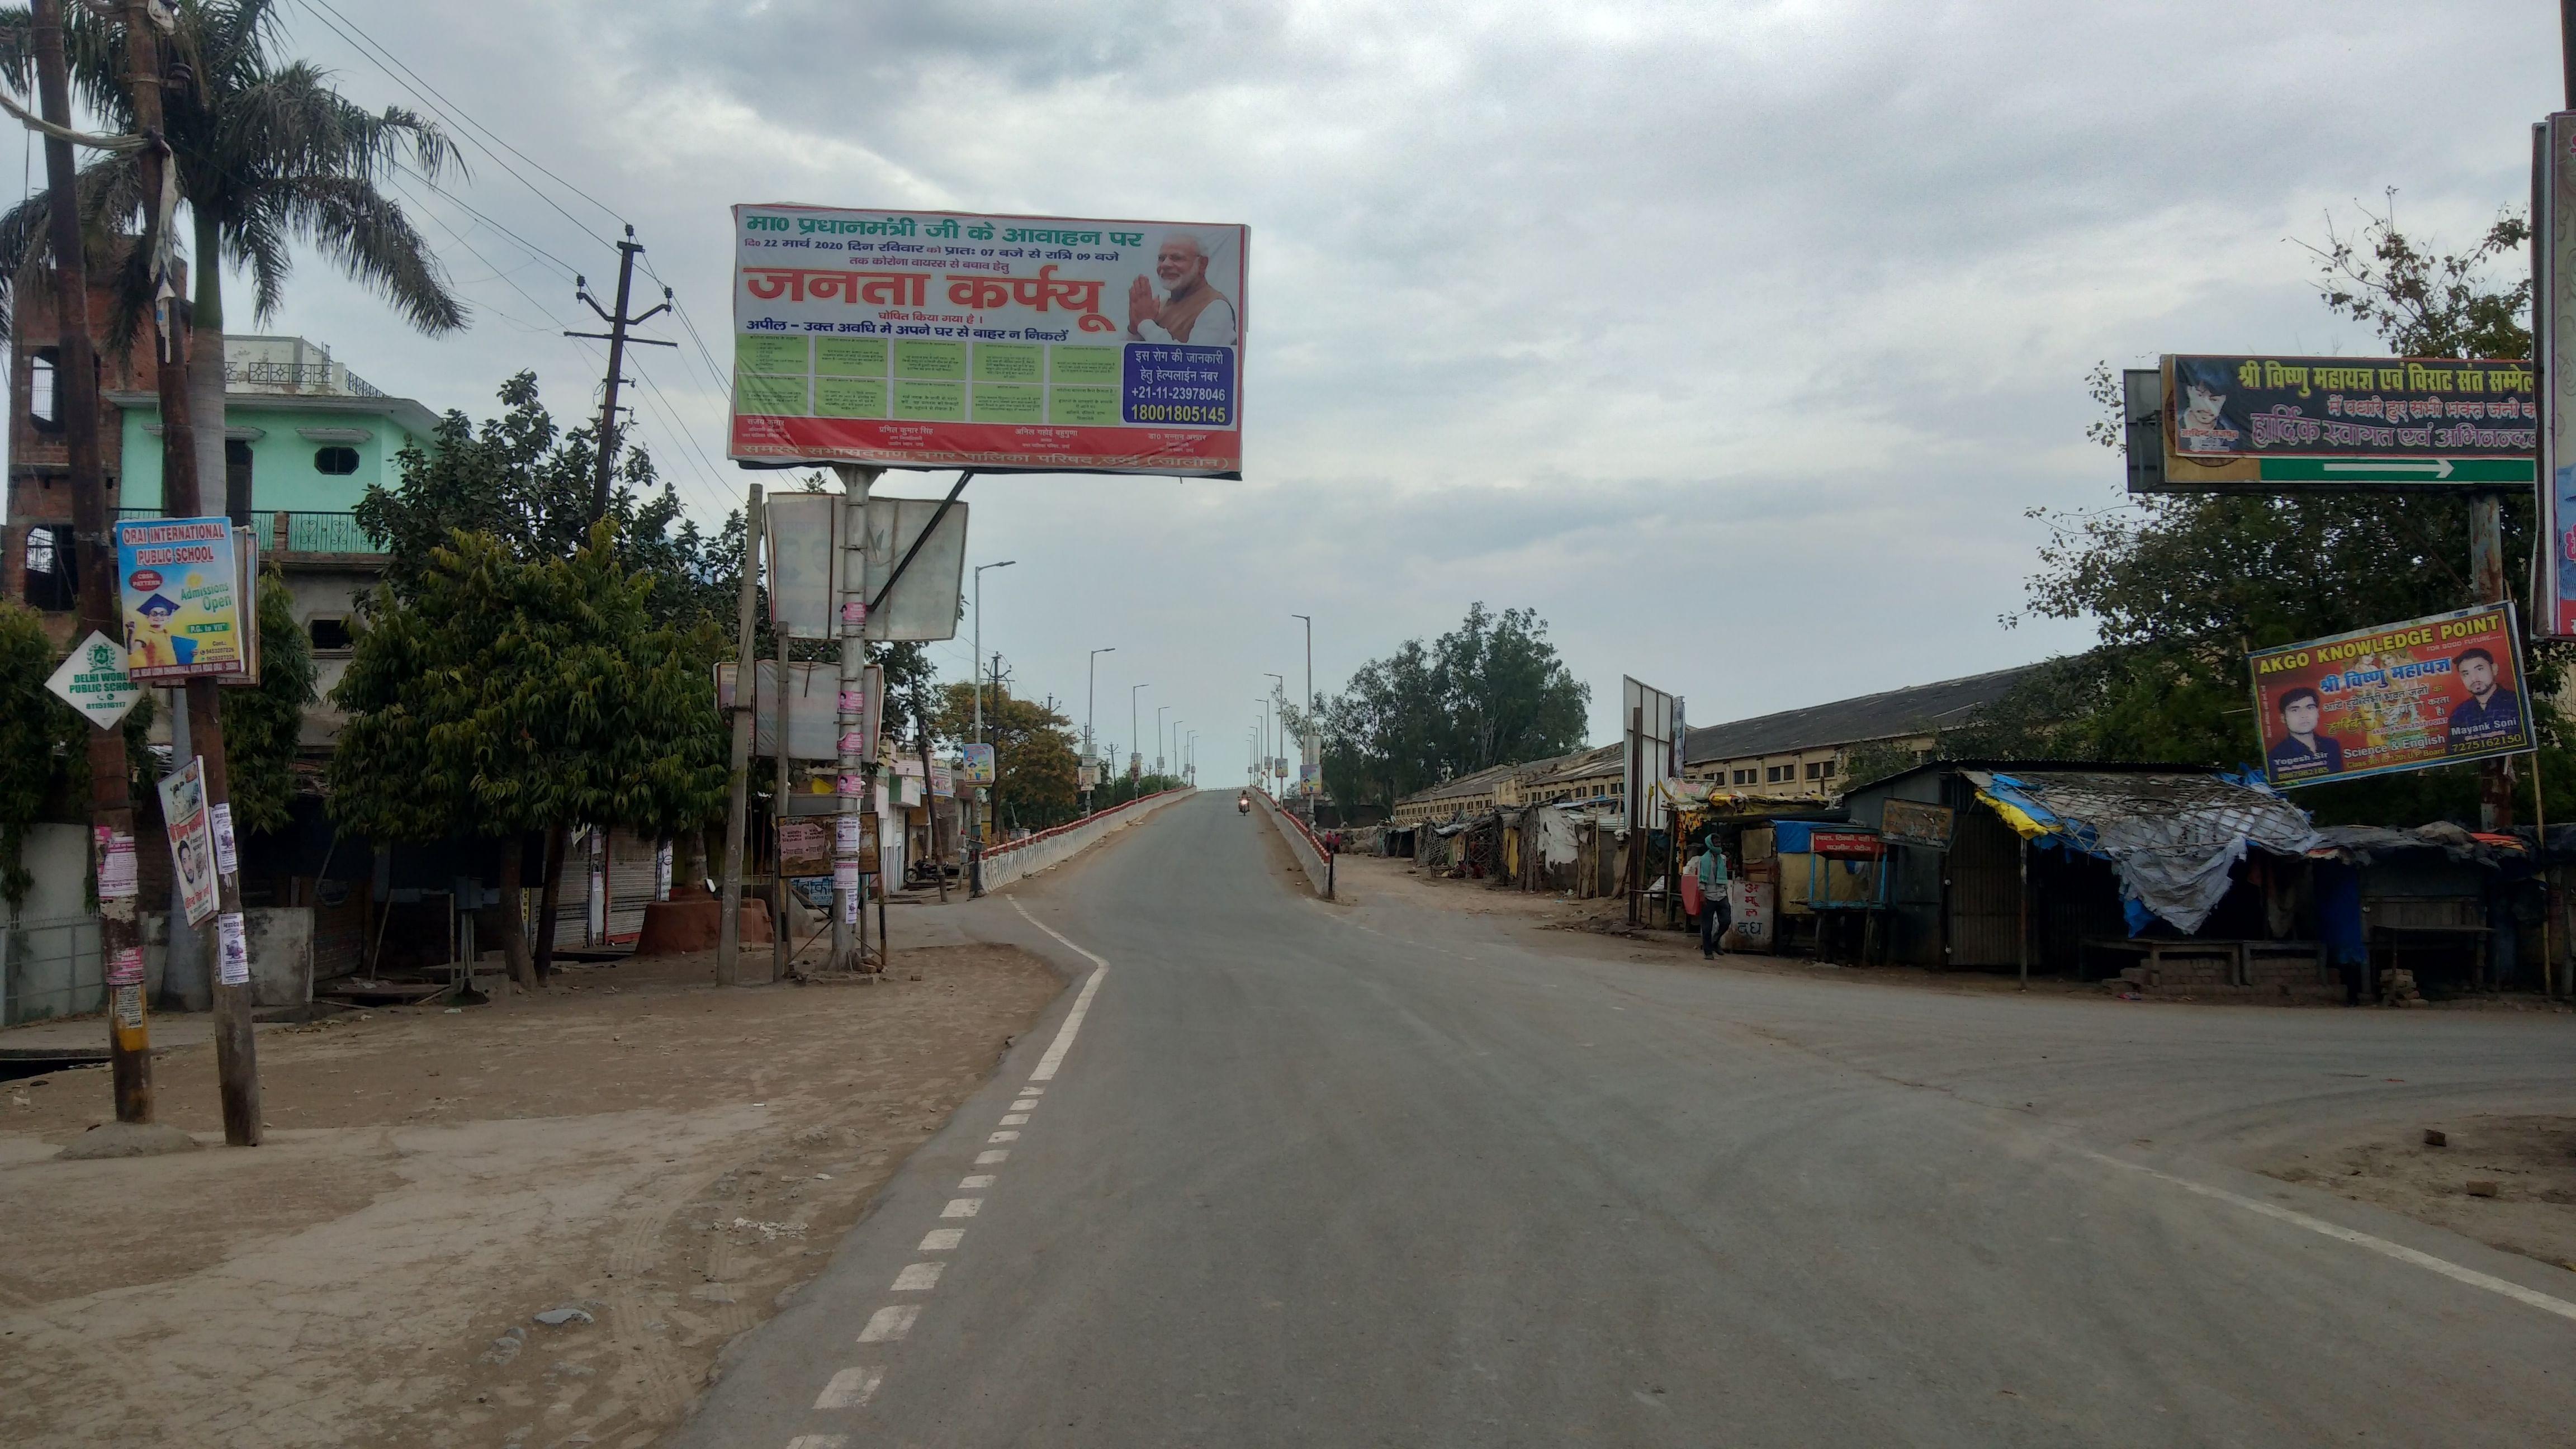 राठ रोड स्थित गल्ला मंडी के पास सड़क पर पसरा सन्नाटा